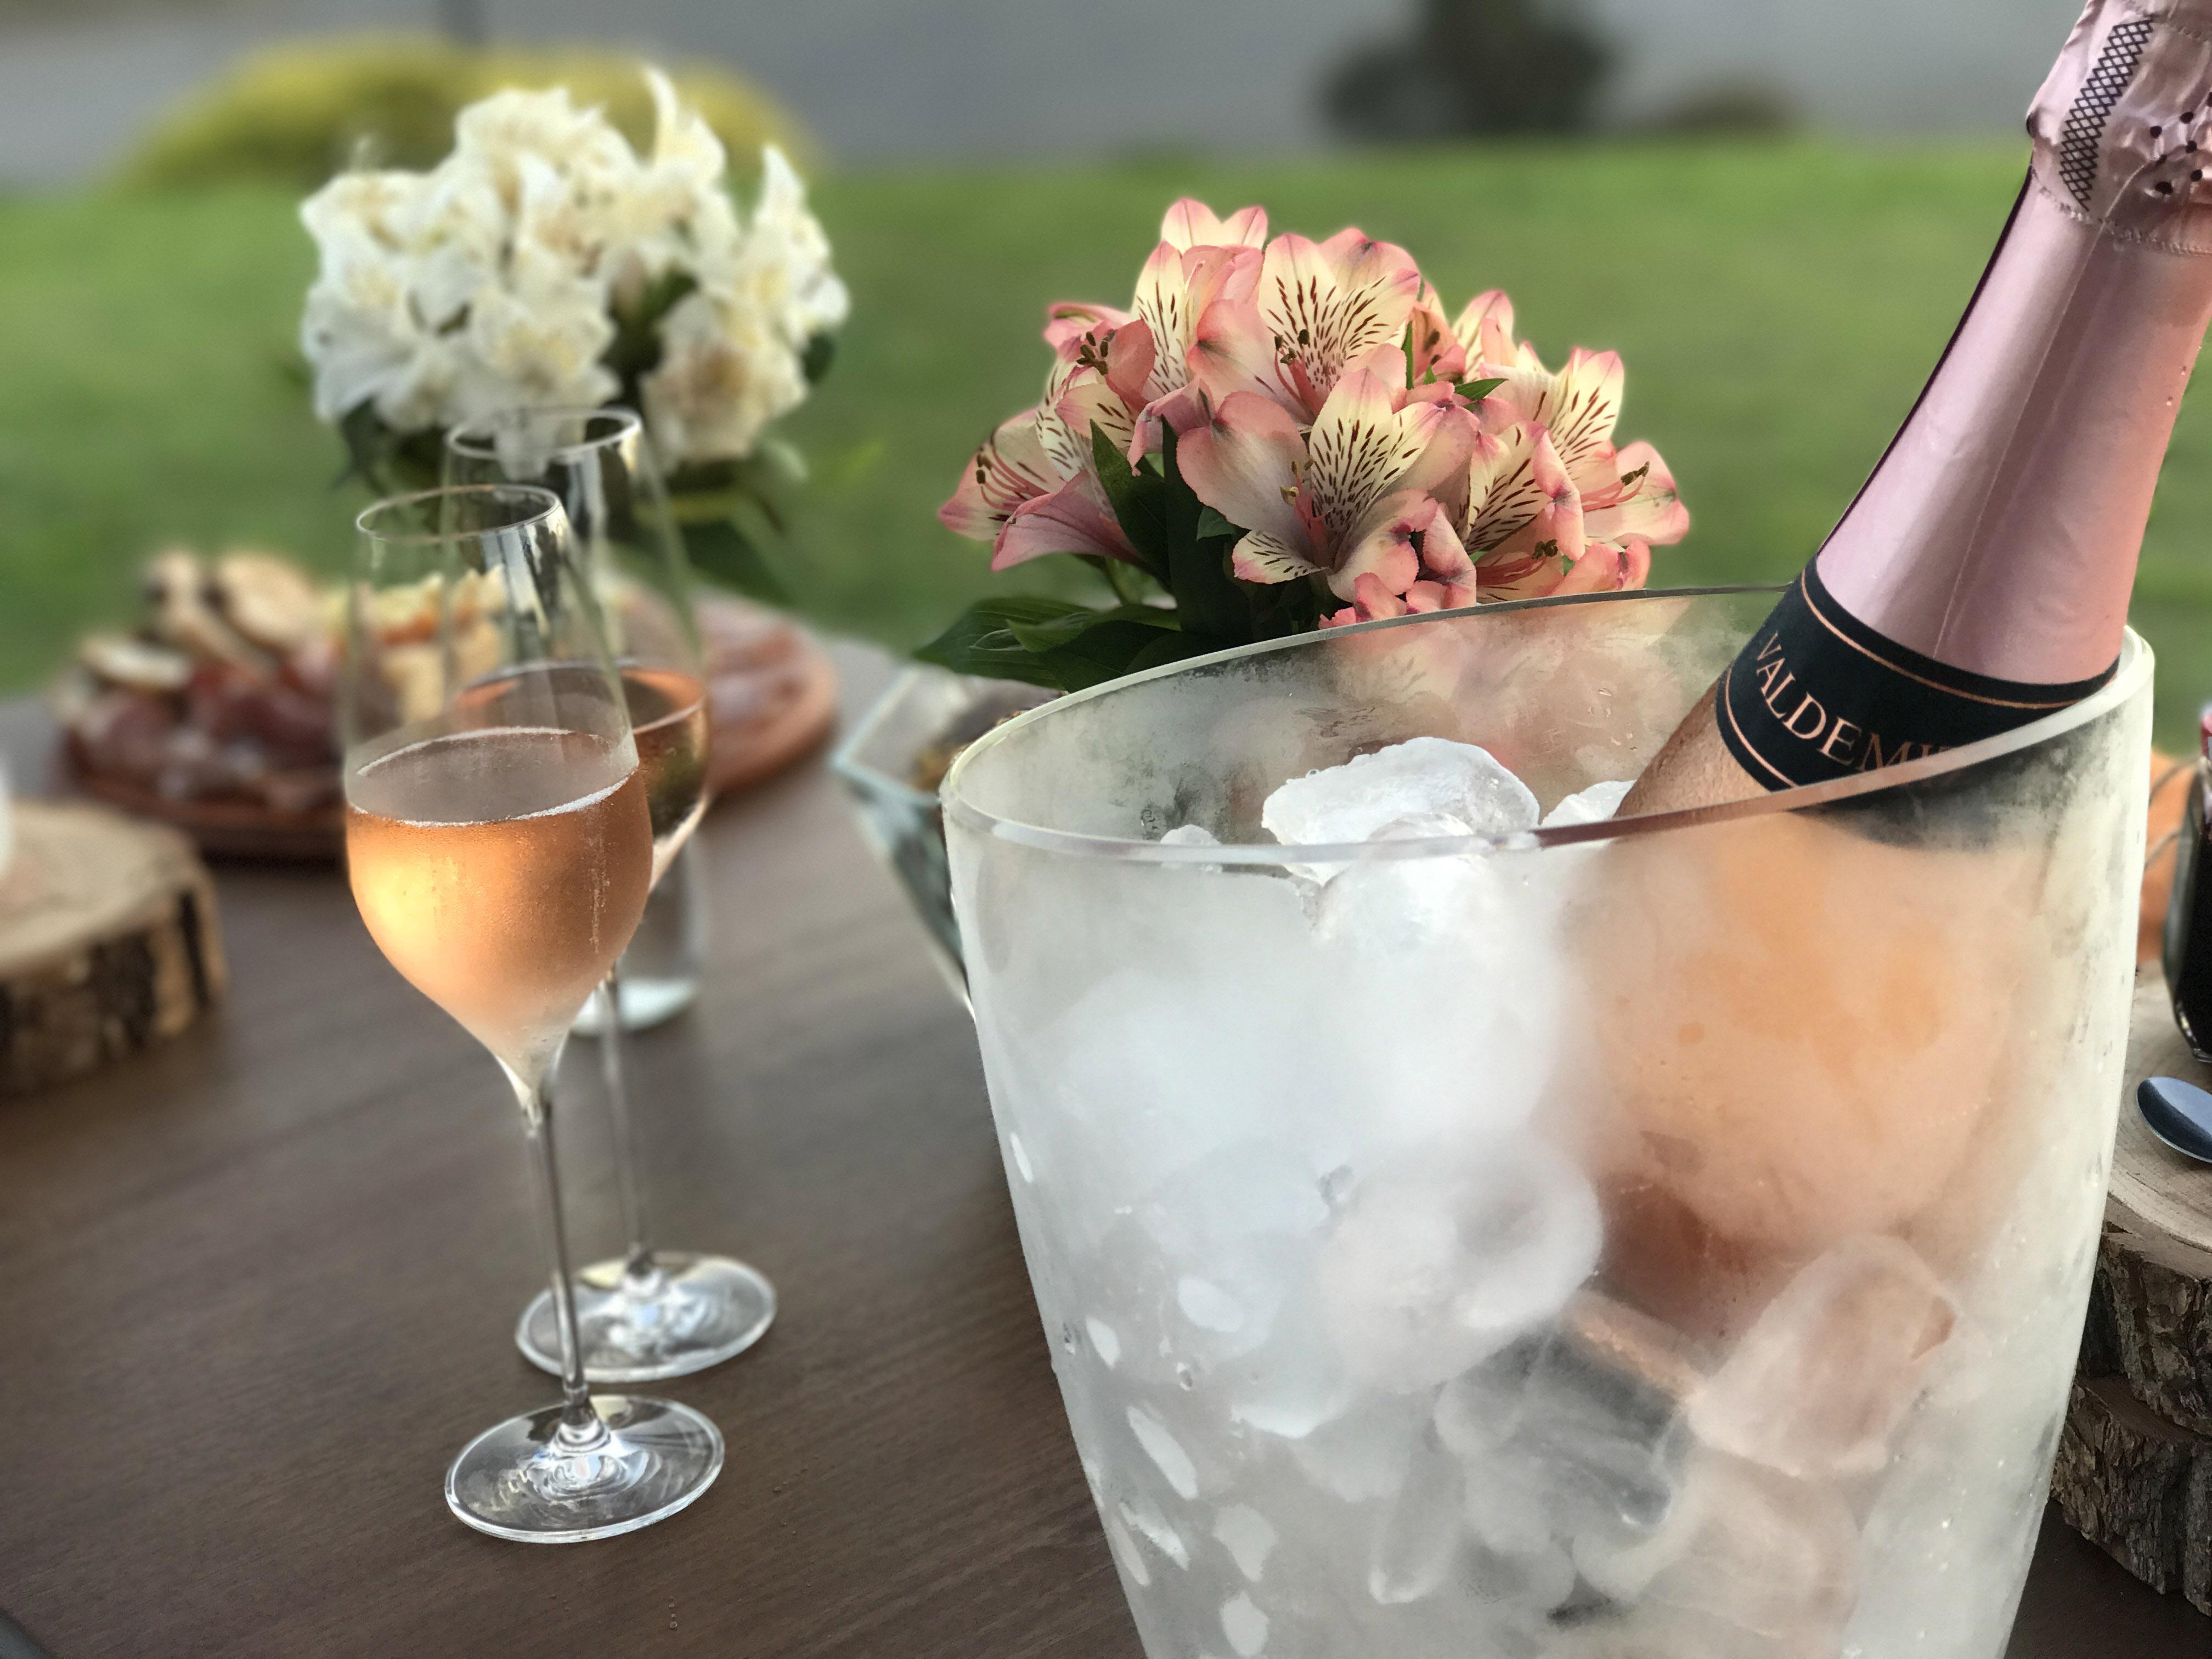 Está aberta a temporada de vinhos brancos, rosés e espumantes